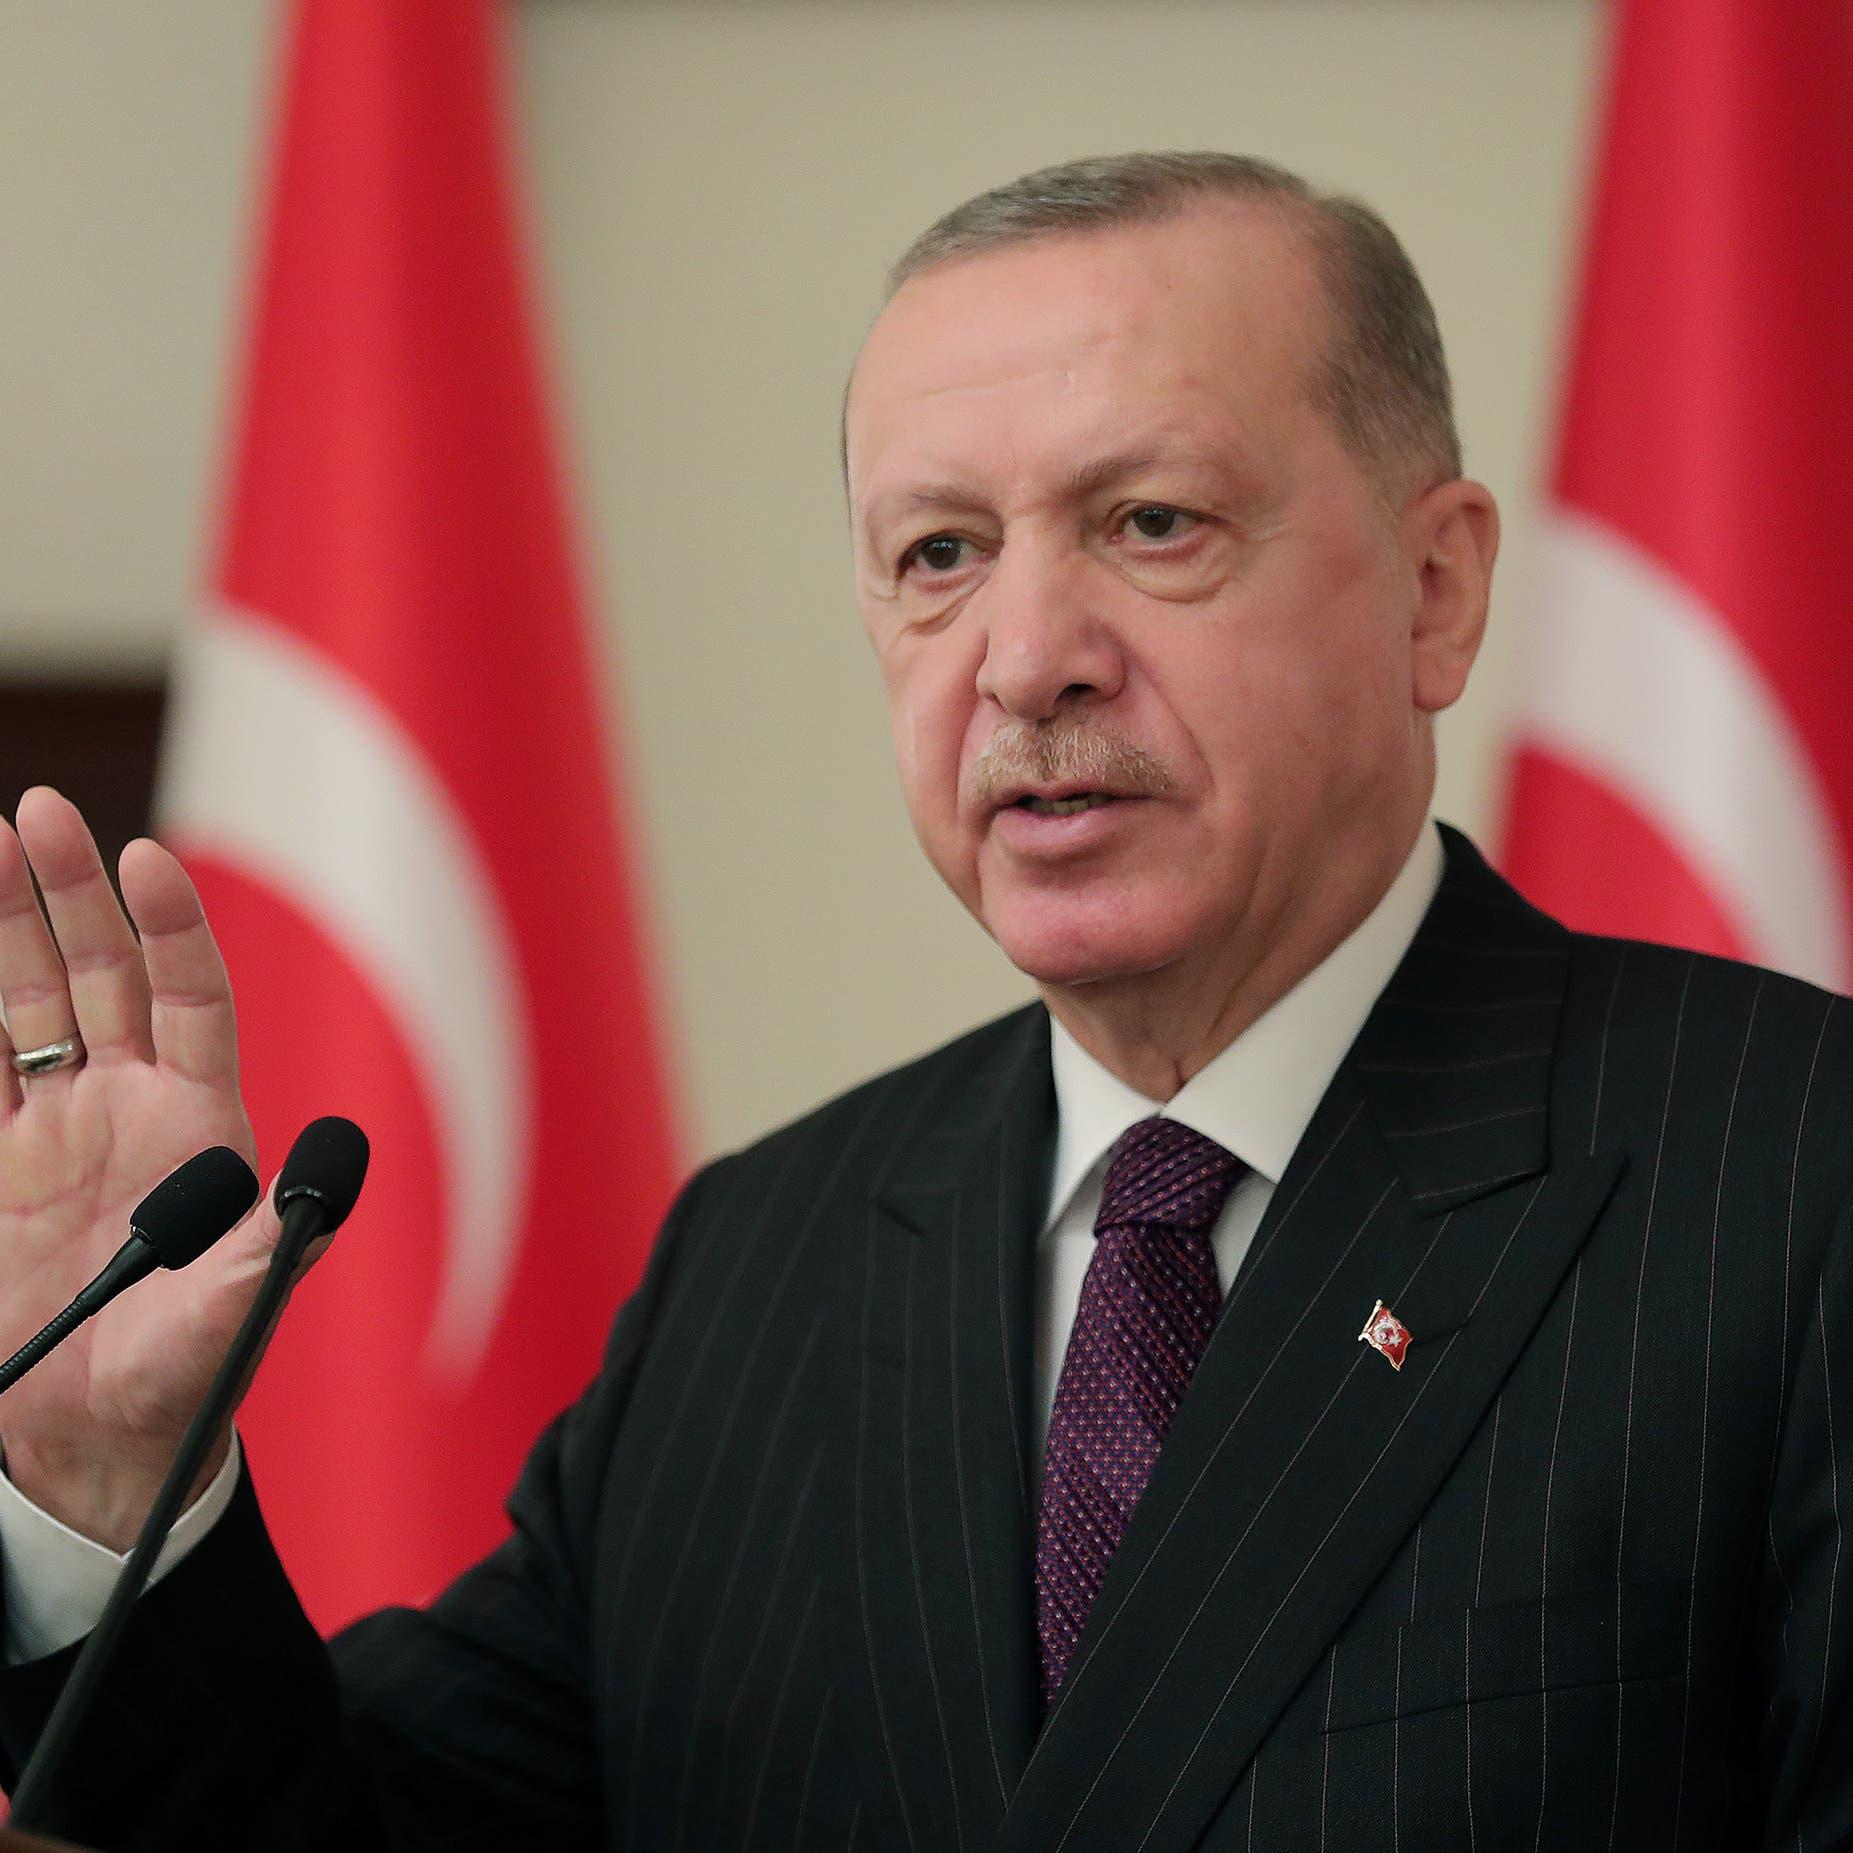 6 أحزاب تركية معارضة تكثف التنسيق بينها وتزيد الضغط على أردوغان